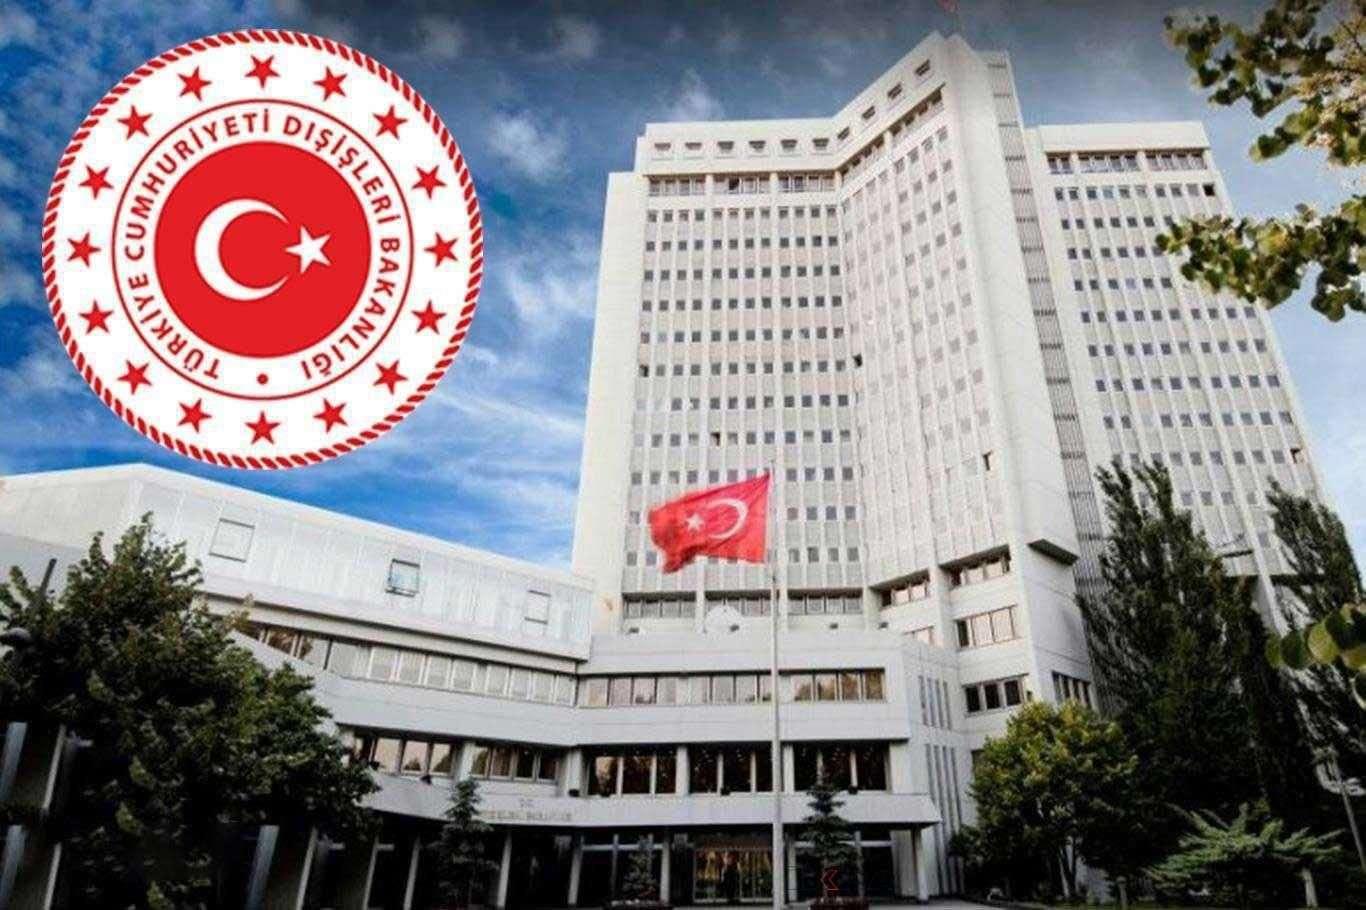 Dışişleri Bakanlığı Yunanistanın gerginliği tırmandırdığını duyurdu